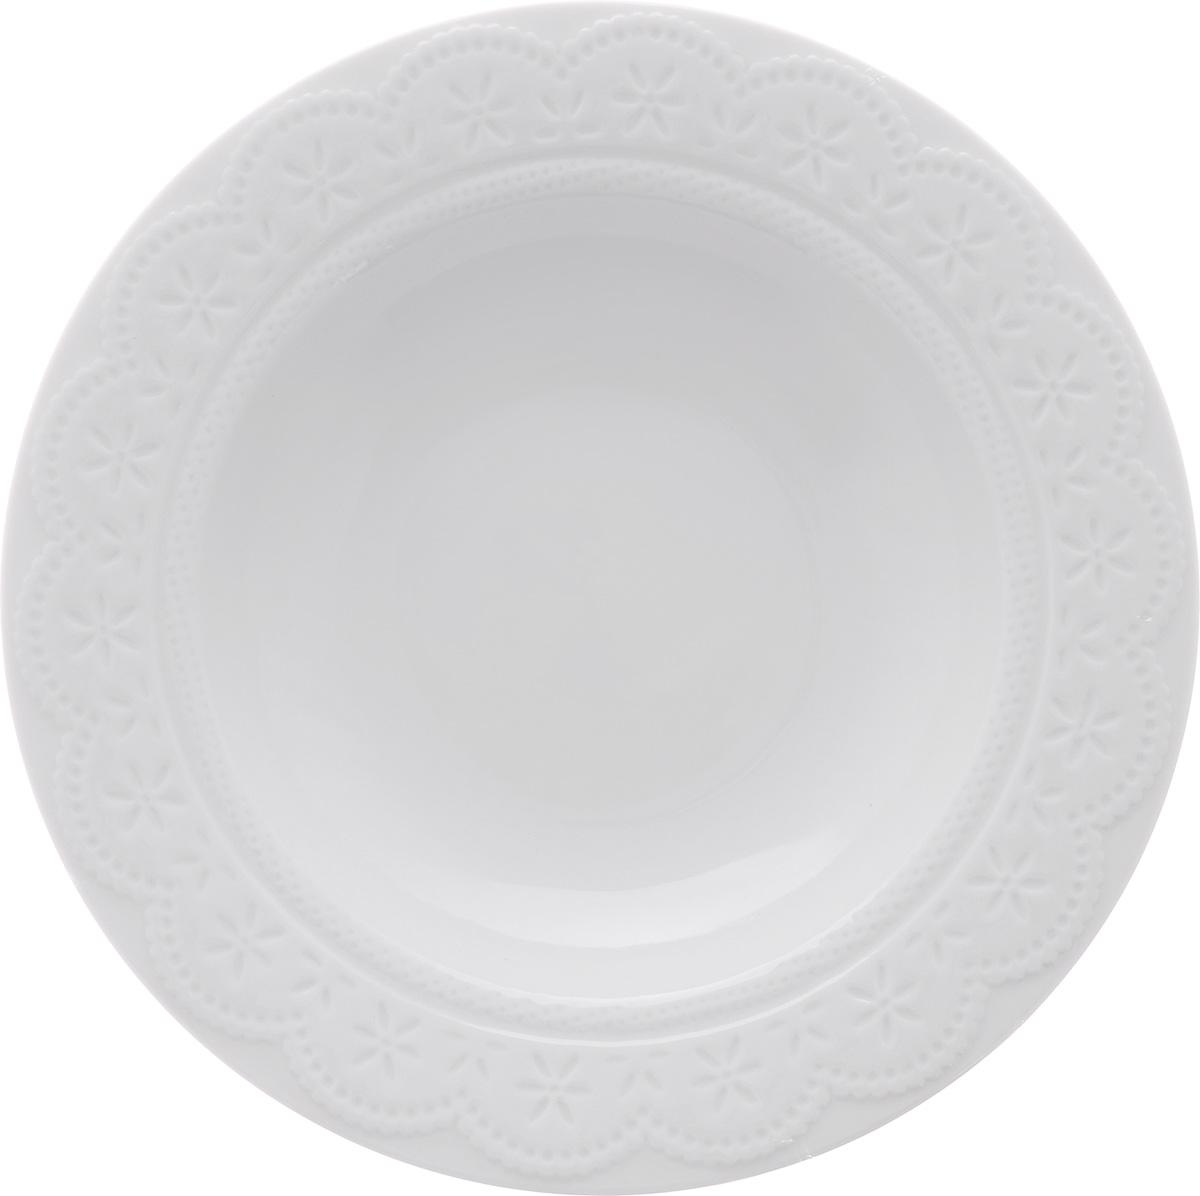 Тарелка суповая Walmer Charlotte, цвет: белый, диаметр 22 смW07330022Суповая тарелка Walmer Charlotte, выполненная из высококачественного фарфора, декорирована рельефным орнаментом. Изящный дизайн придется по вкусу и ценителям классики, и тем, кто предпочитает утонченность. Суповая тарелка Walmer Charlotte, идеально подойдет для сервировки стола и станет отличным подарком к любому празднику.Можно использовать в микроволновой печи и мыть в посудомоечных машинах.